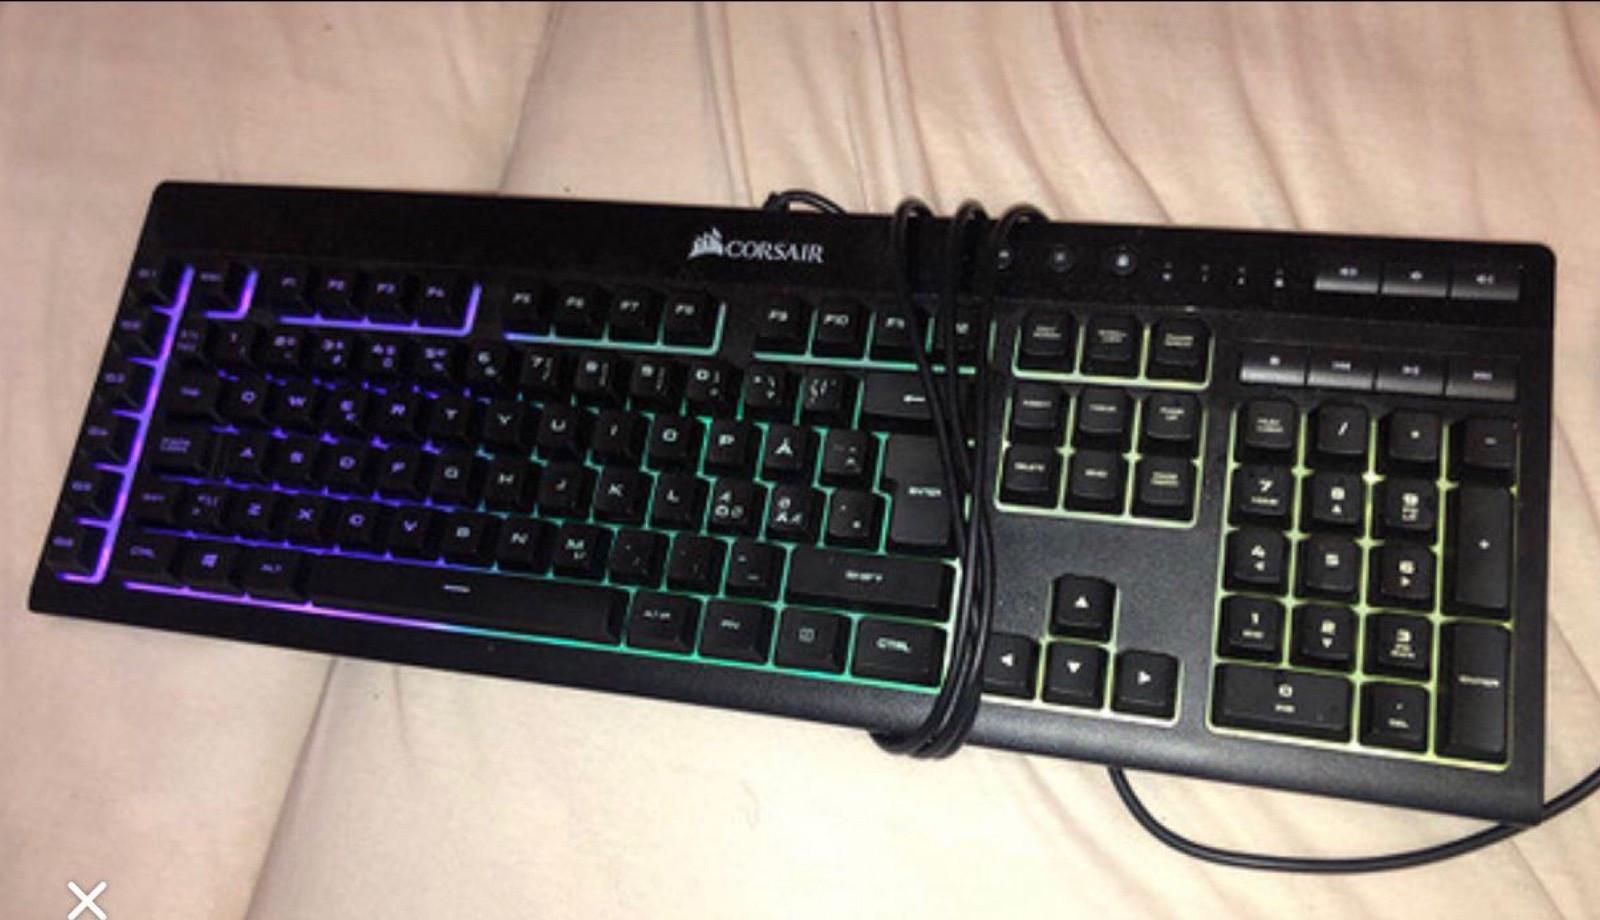 Corsair tastatur med lys | FINN.no